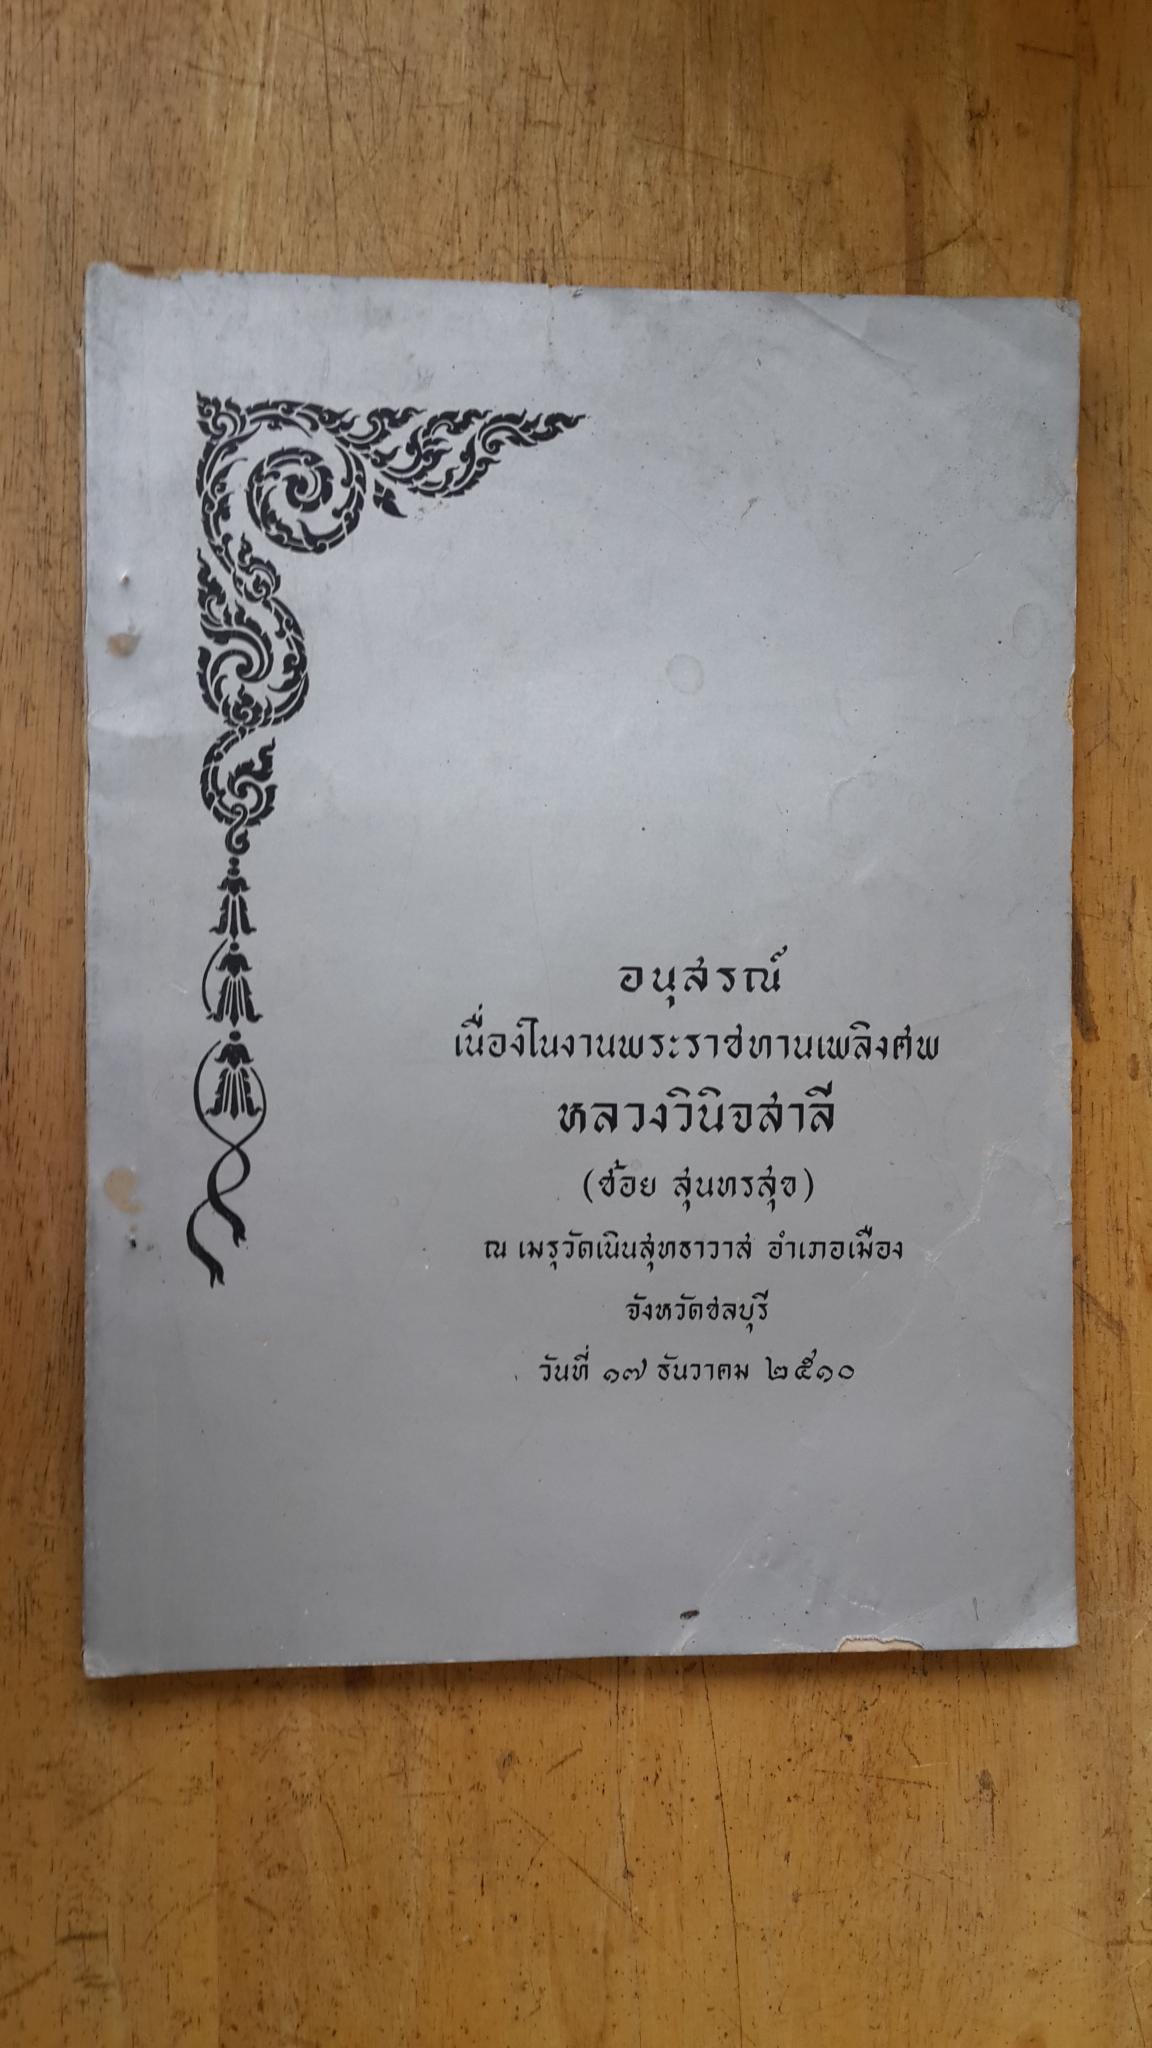 อนุสรณ์งานพระราชทานเพลิงศพ หลวงวินิจสาลี (ช้อย สุนทรสุข)